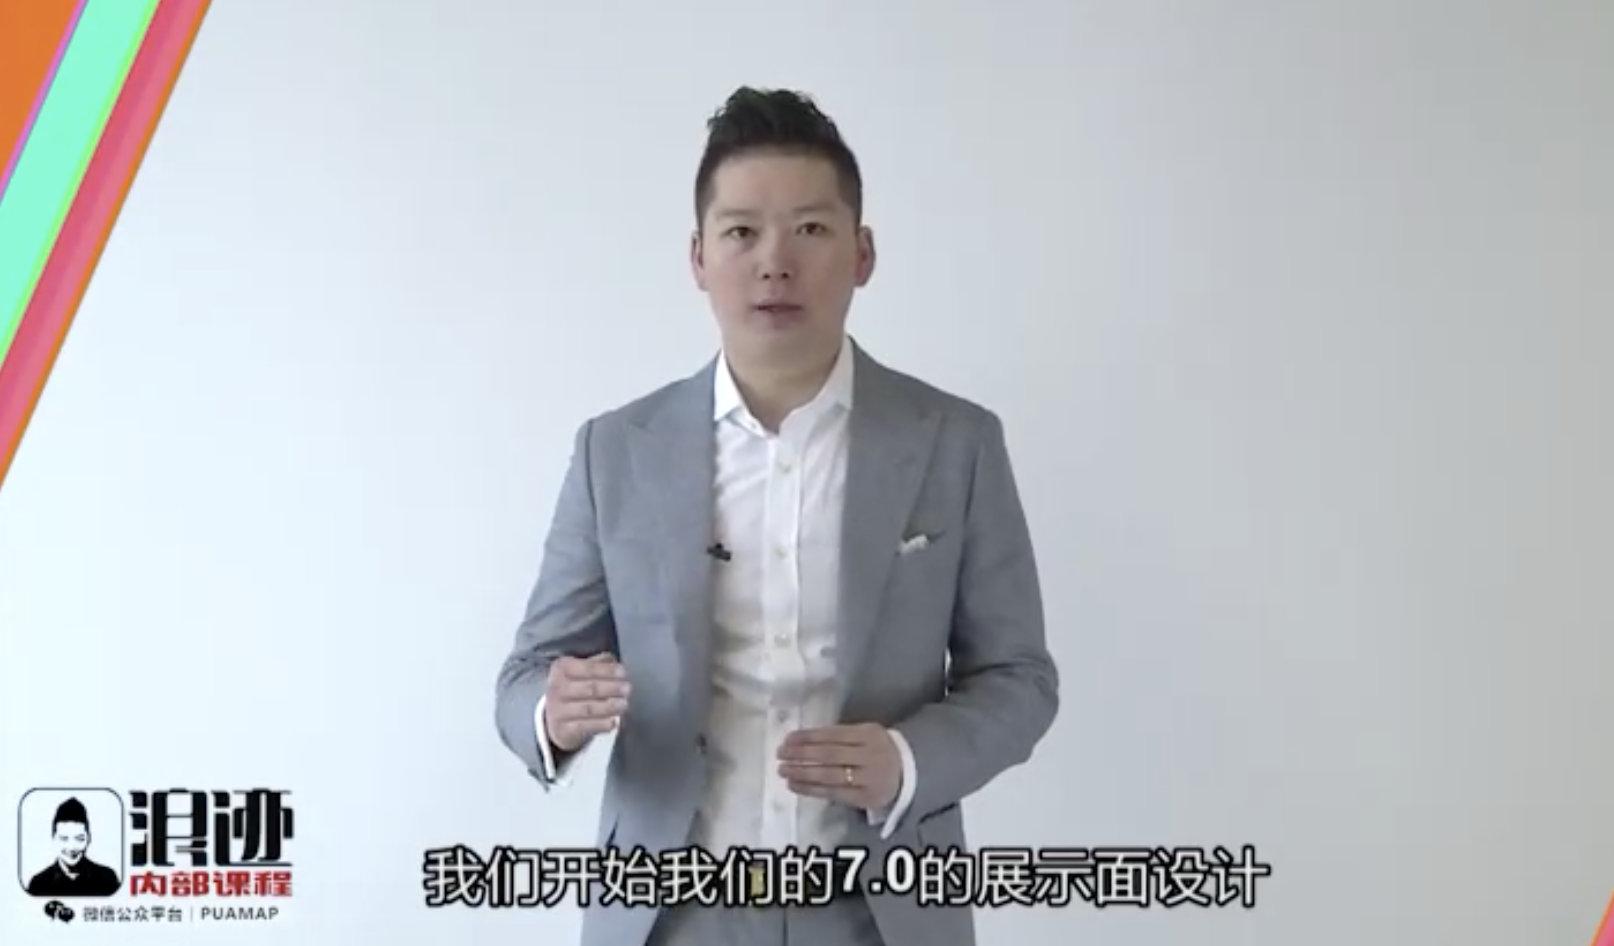 浪迹教育恋爱秘籍7.0 PUA教程 约会泡妞秘籍